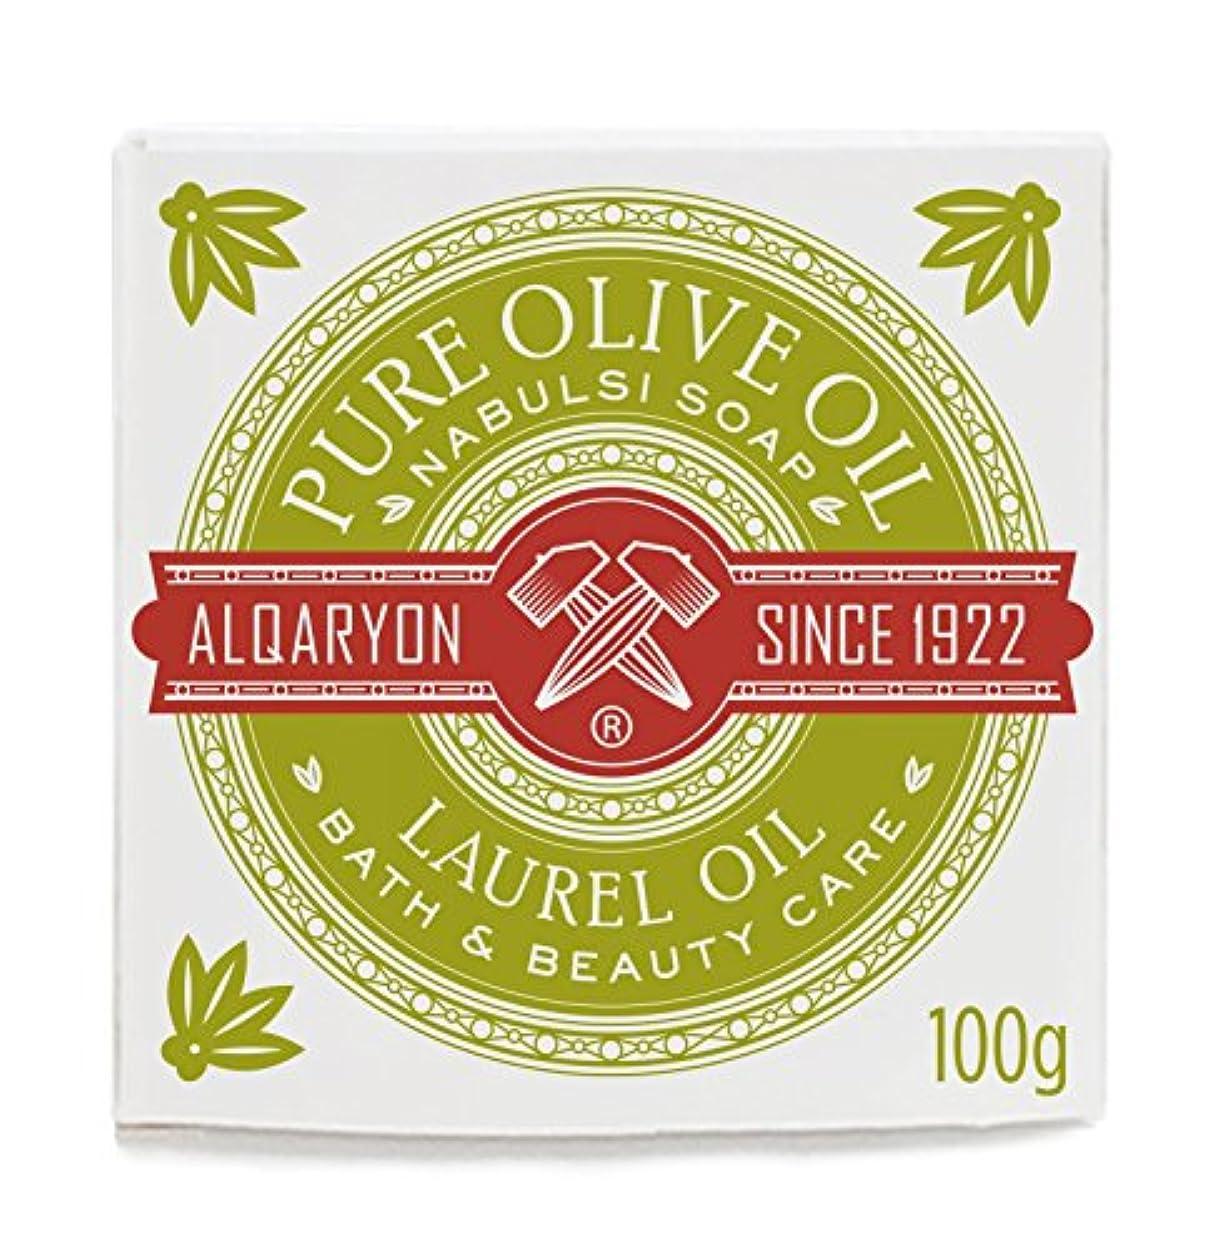 能力ショットどこでもAlqaryon Laurel Oil & Olive Oil Bar Soap Pack of 4 - AlqaryonのローレルオイルI&オリーブオイル ソープ、バス & ビューティー ケア、100gの石鹸4個のパック